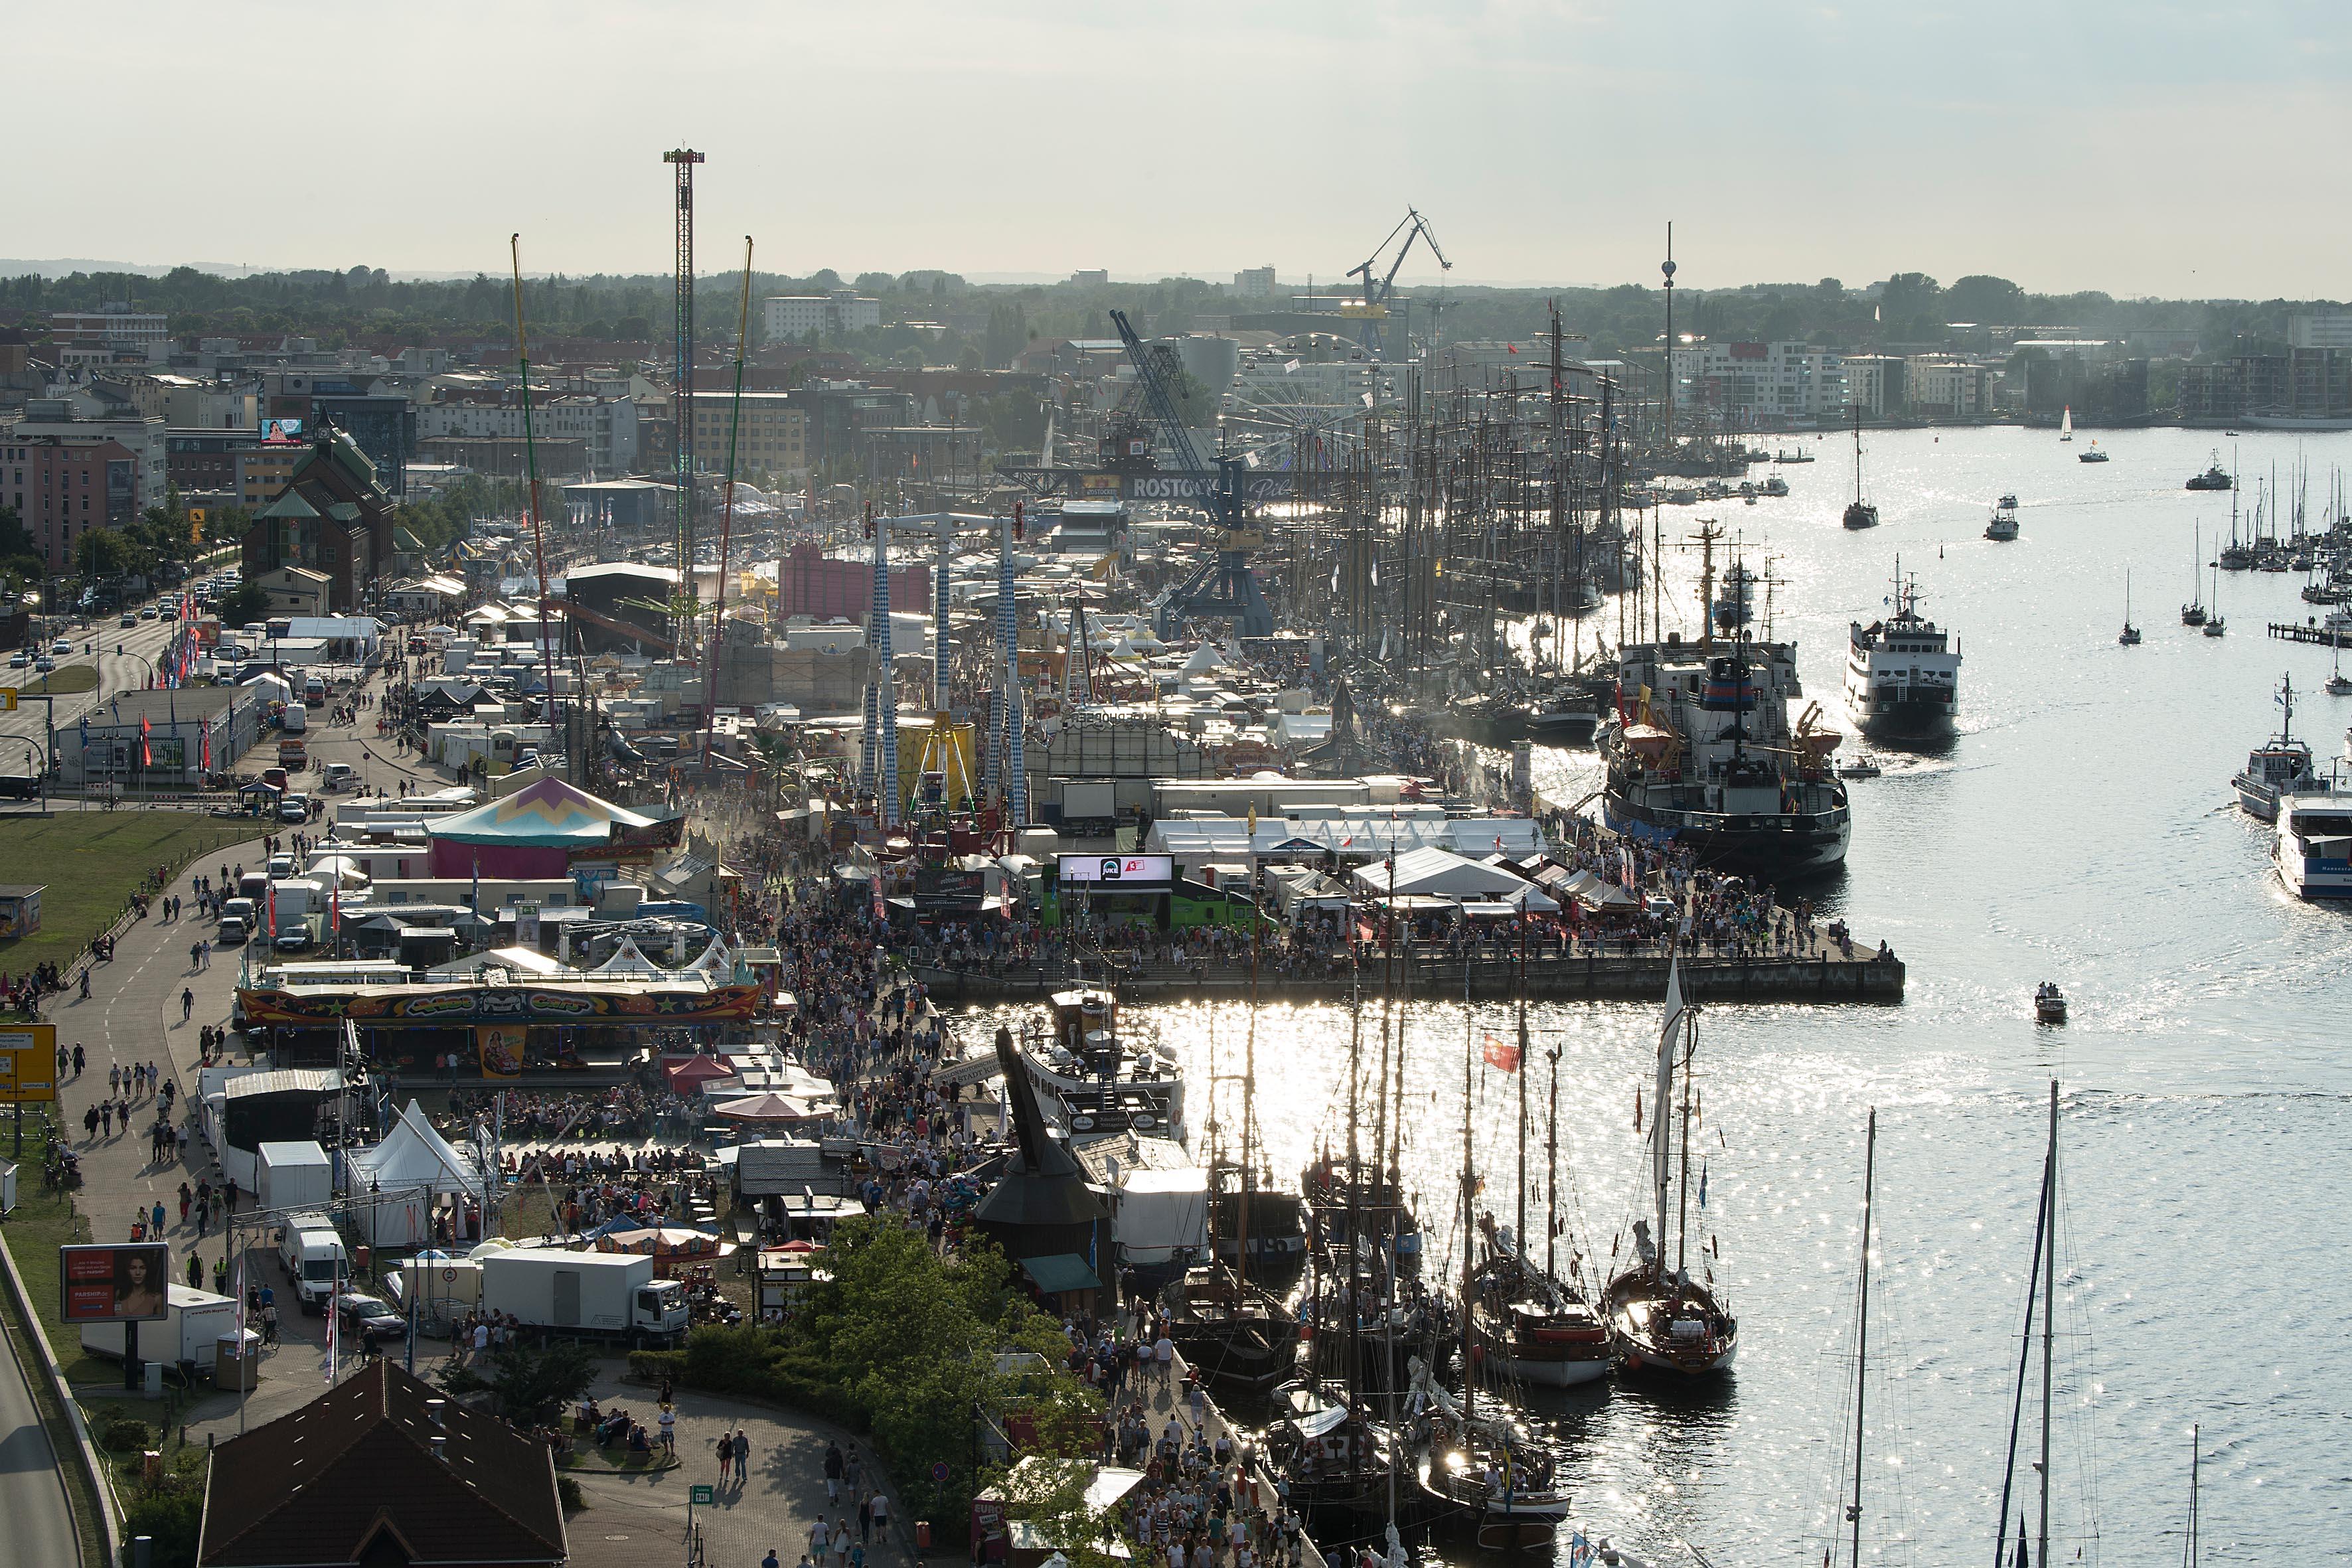 Maritim und unterhaltsam präsentiert sich die Bummelmeile im Rostocker Stadthafen, Foto: Lutz Zimmermann